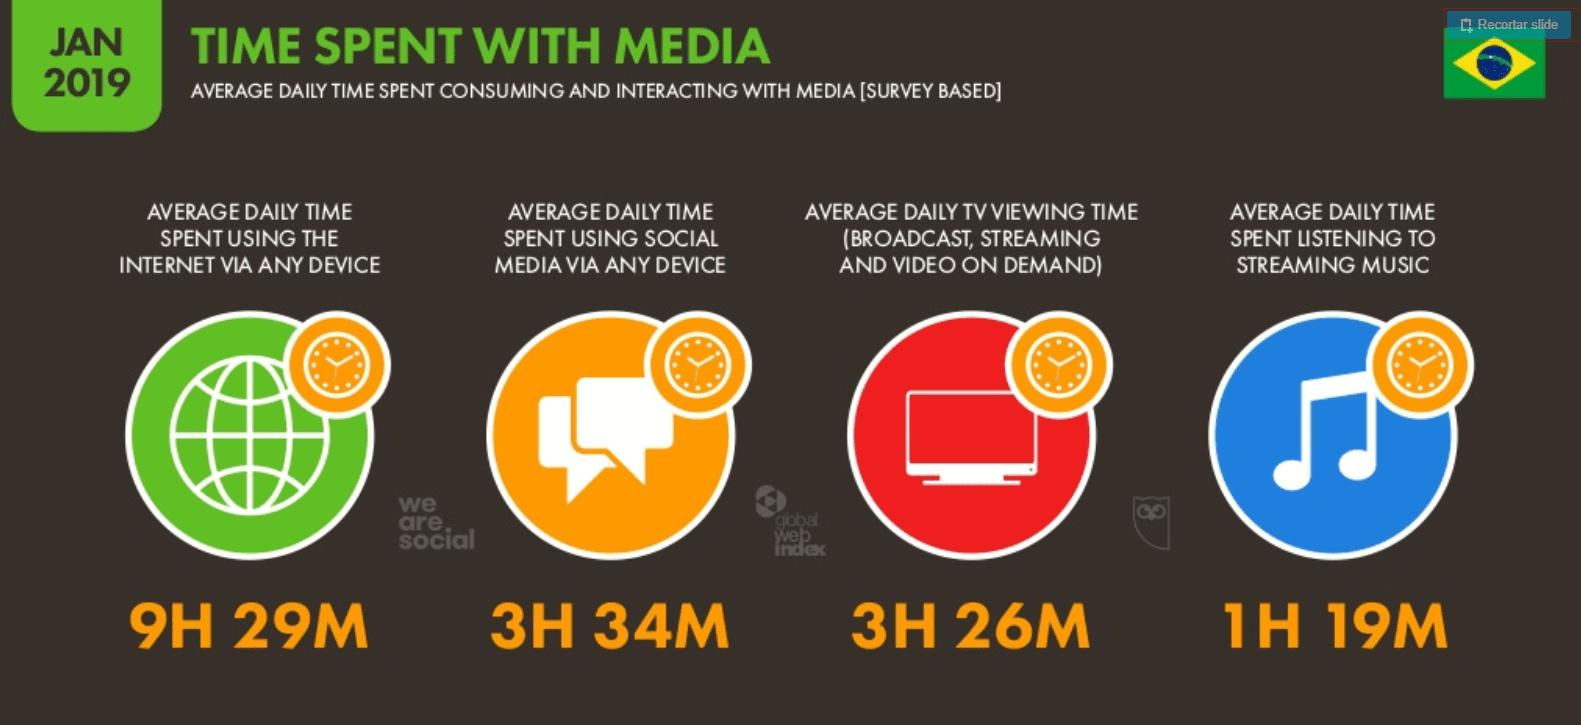 tempo gasto nas redes sociais brasil